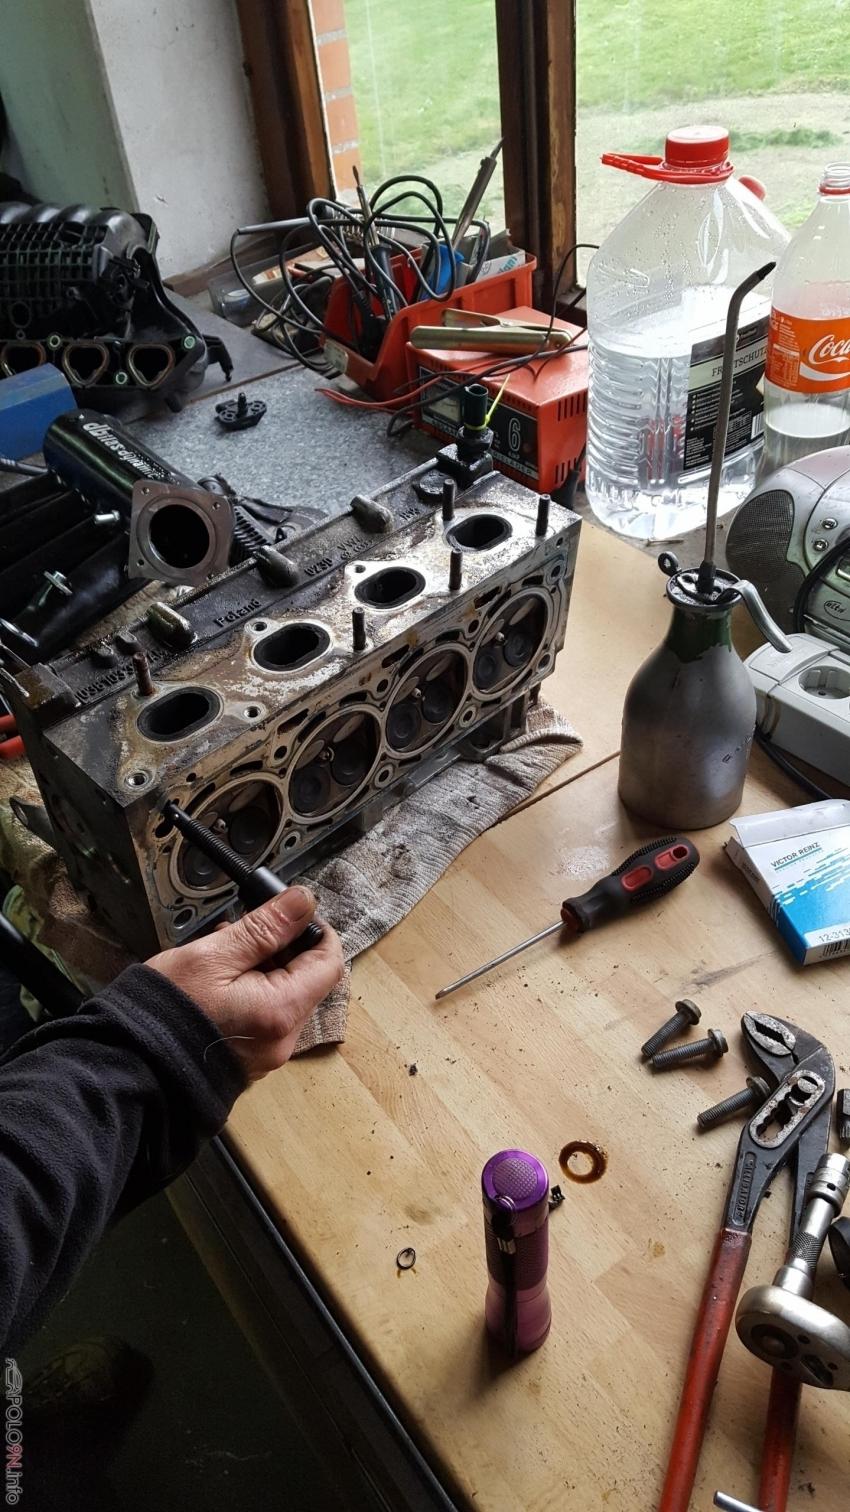 Weshalb ich den Motor eigentlich aufgemacht habe, Ventilschaftdichtungen hatten ihre besten Jahre hinter sich.